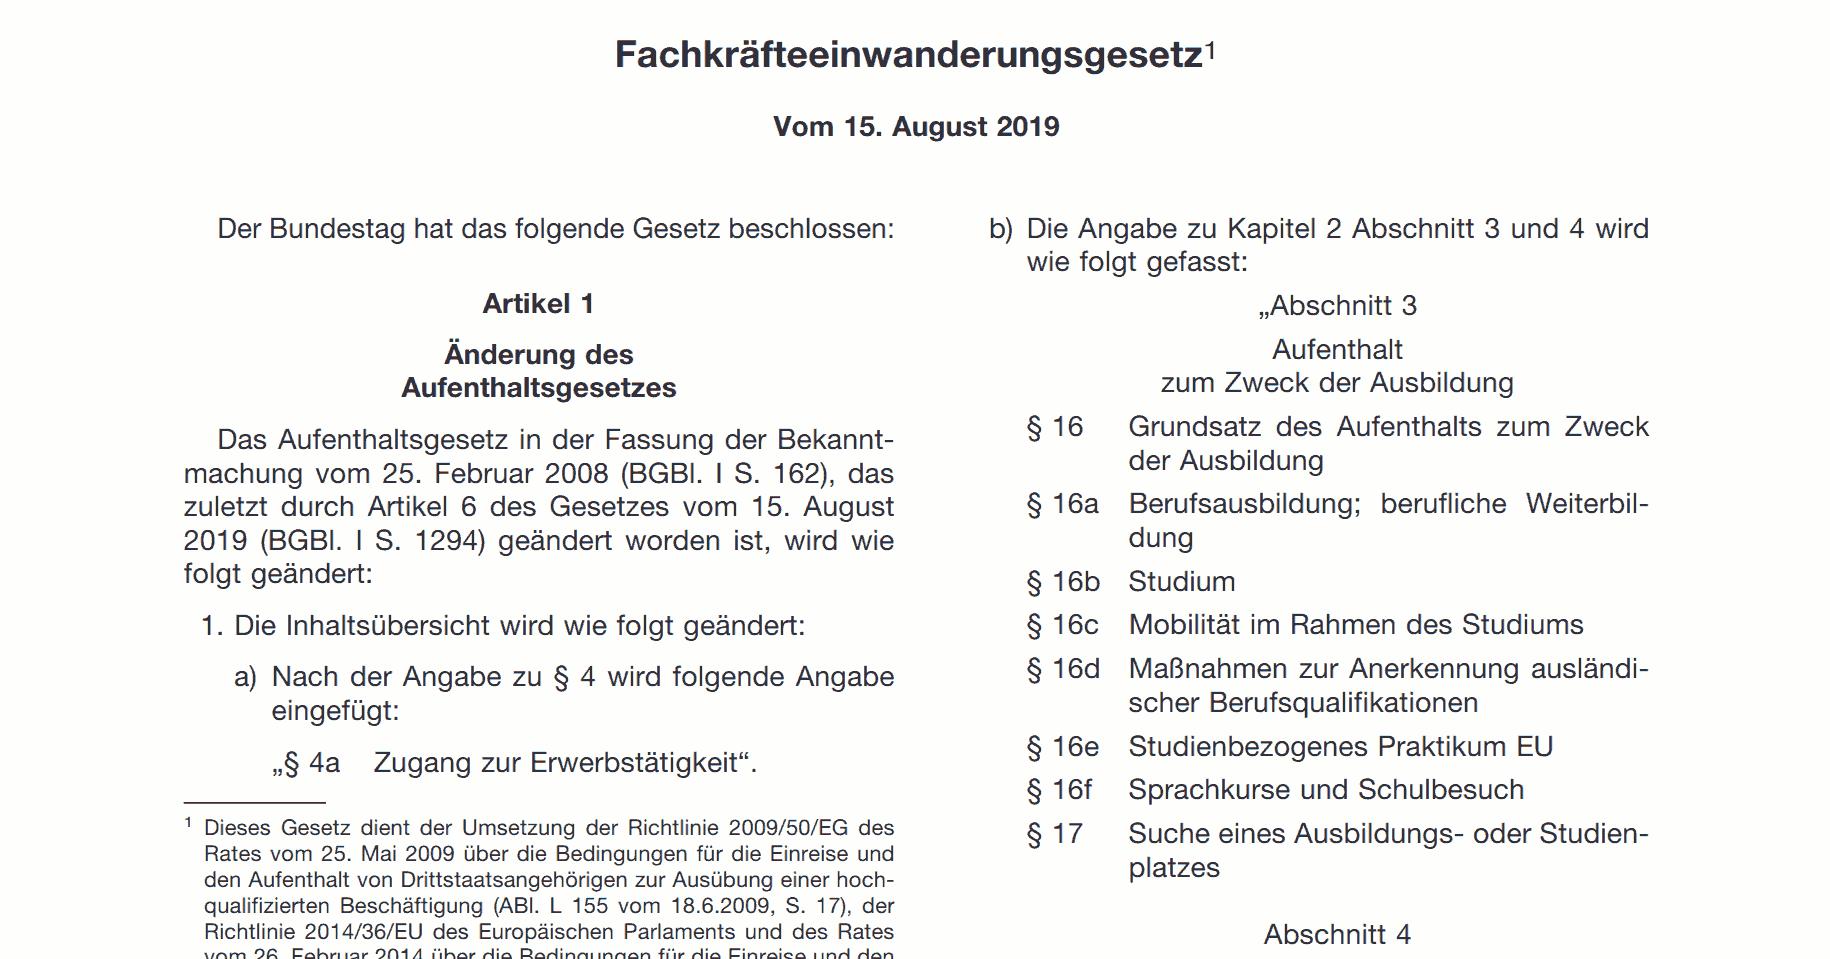 Fachkräfteeinwanderungsgesetz in Deutschland - Новый Закон об иммиграции специалистов в Германии - Новий Закон про імміграцію спеціалістів